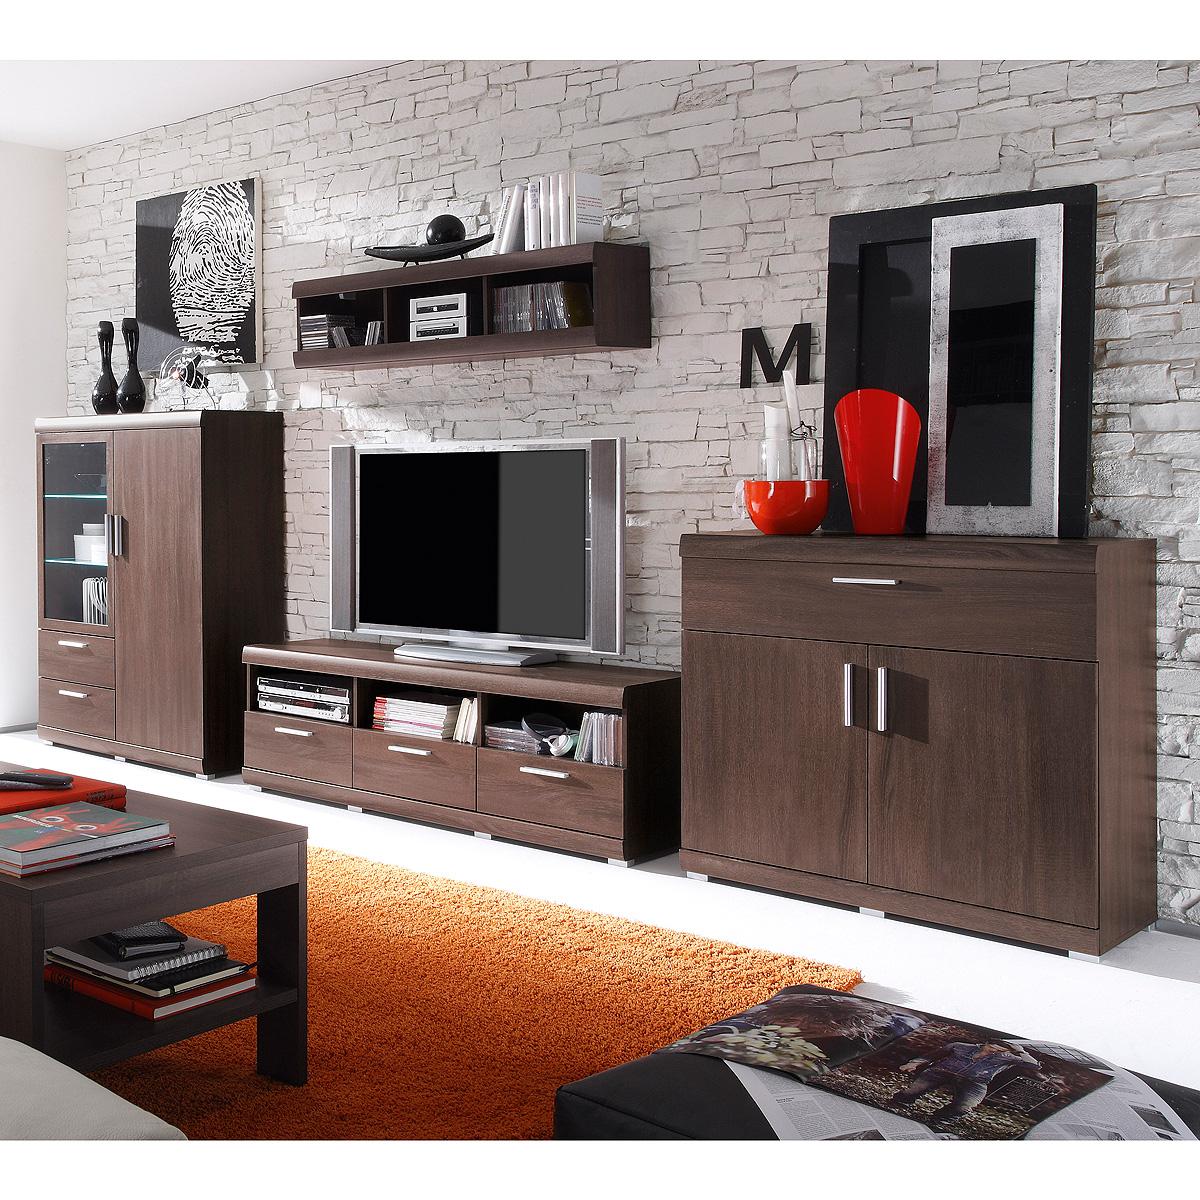 Verzauberkunst Anbauwand Wohnzimmer Ideen Von Das Bild Wird Geladen Wohnwand-mestre-anbauwand-wohnzimmer -in-sonoma-eiche-dunkel-